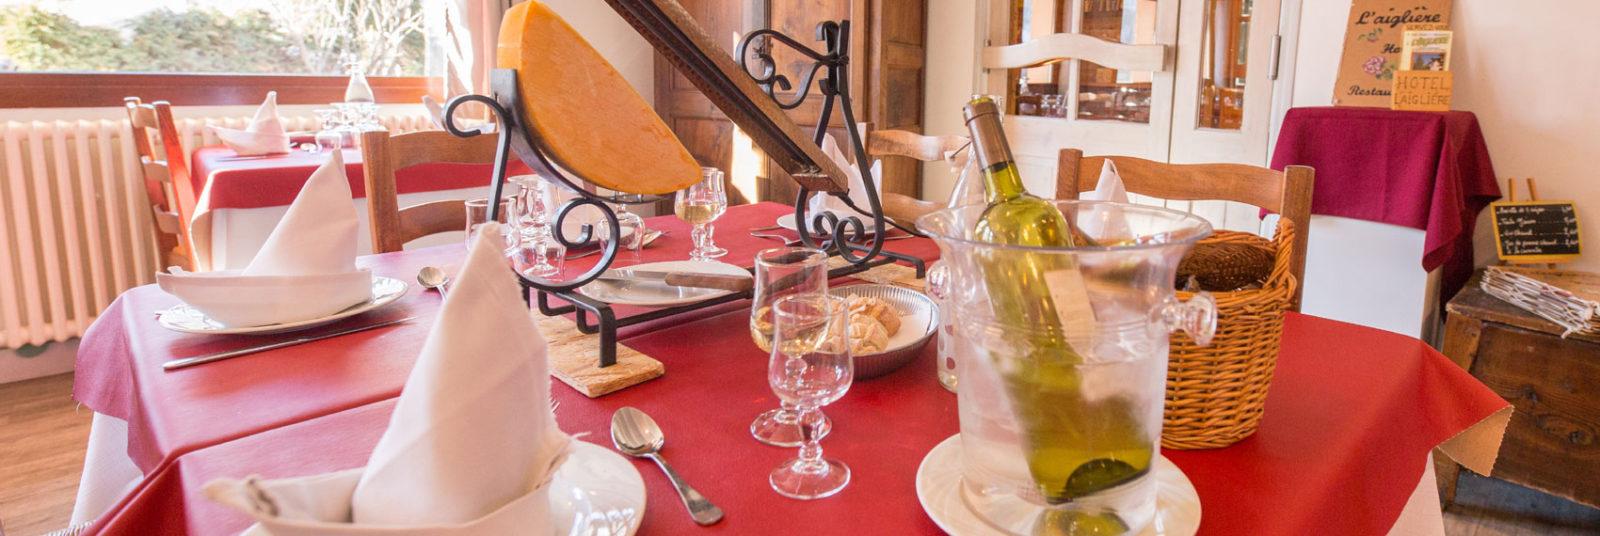 Hôtel Aigliere Puy St Vincent Vallouise